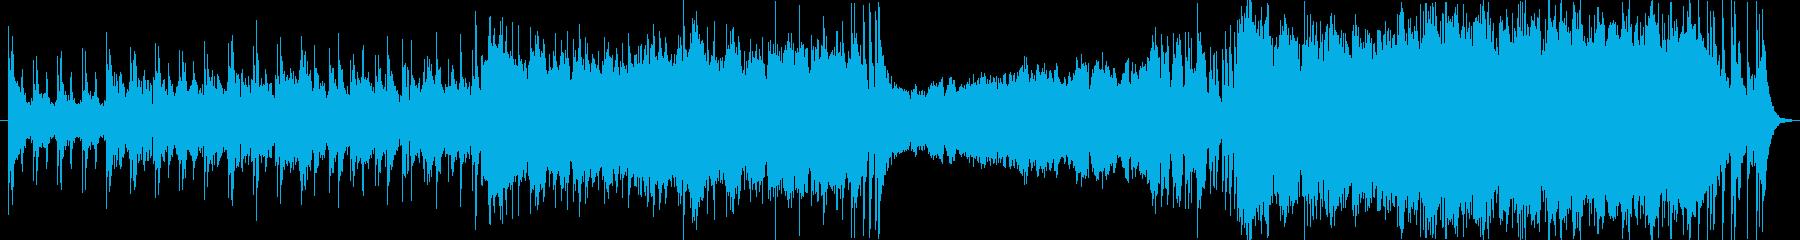 オーケストラによる生き生きした曲の再生済みの波形